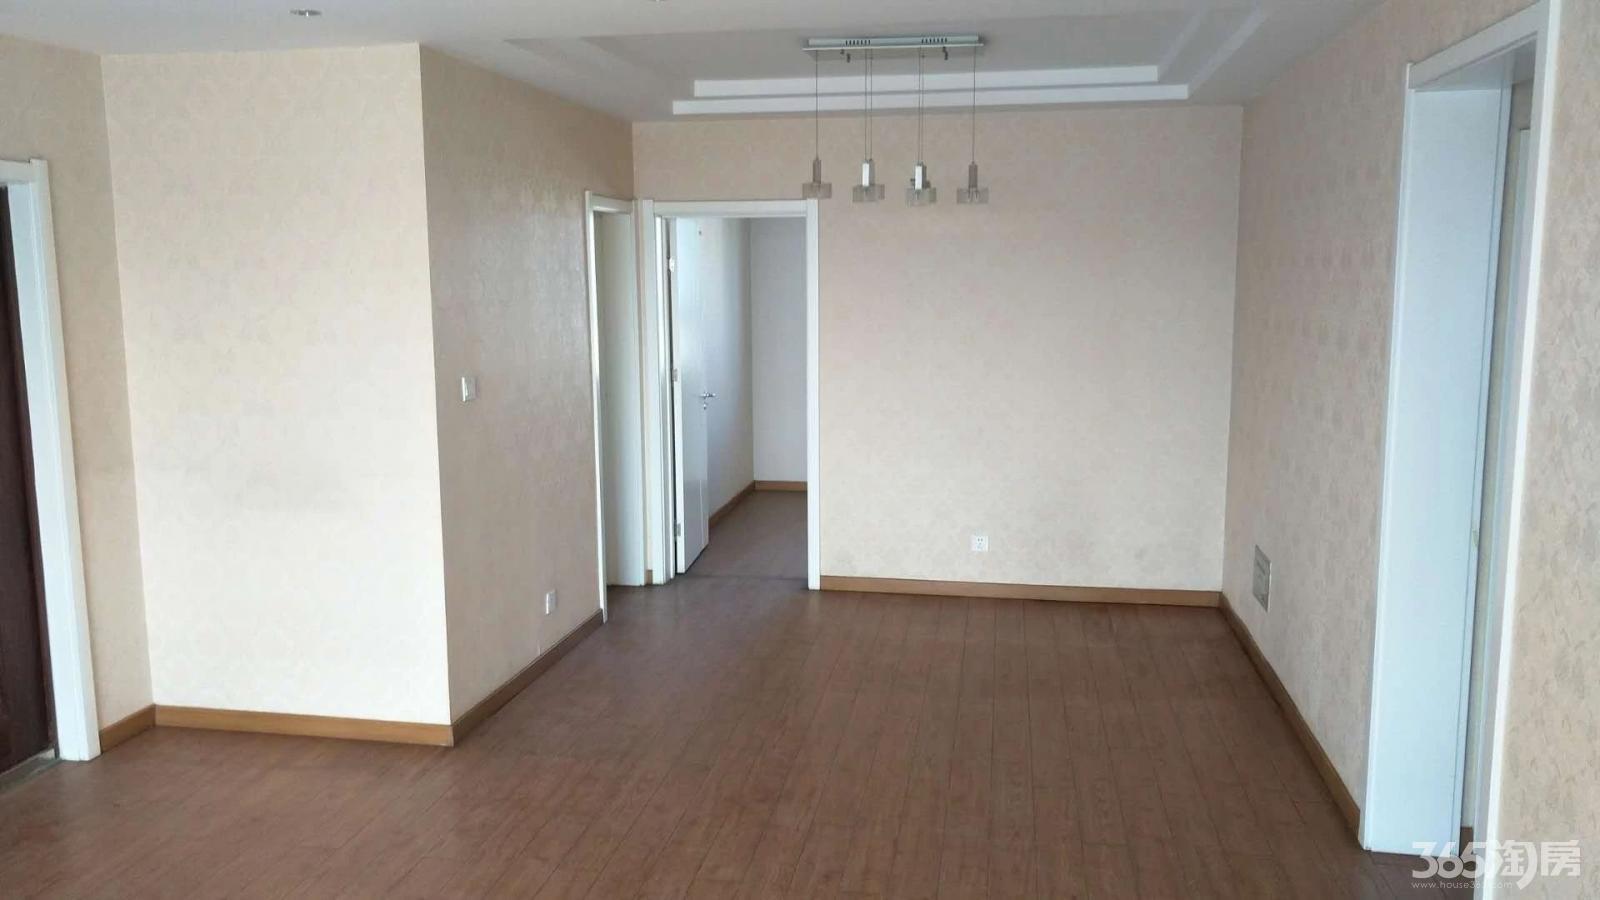 新中星花园3室2厅2卫174平方使用权房精装